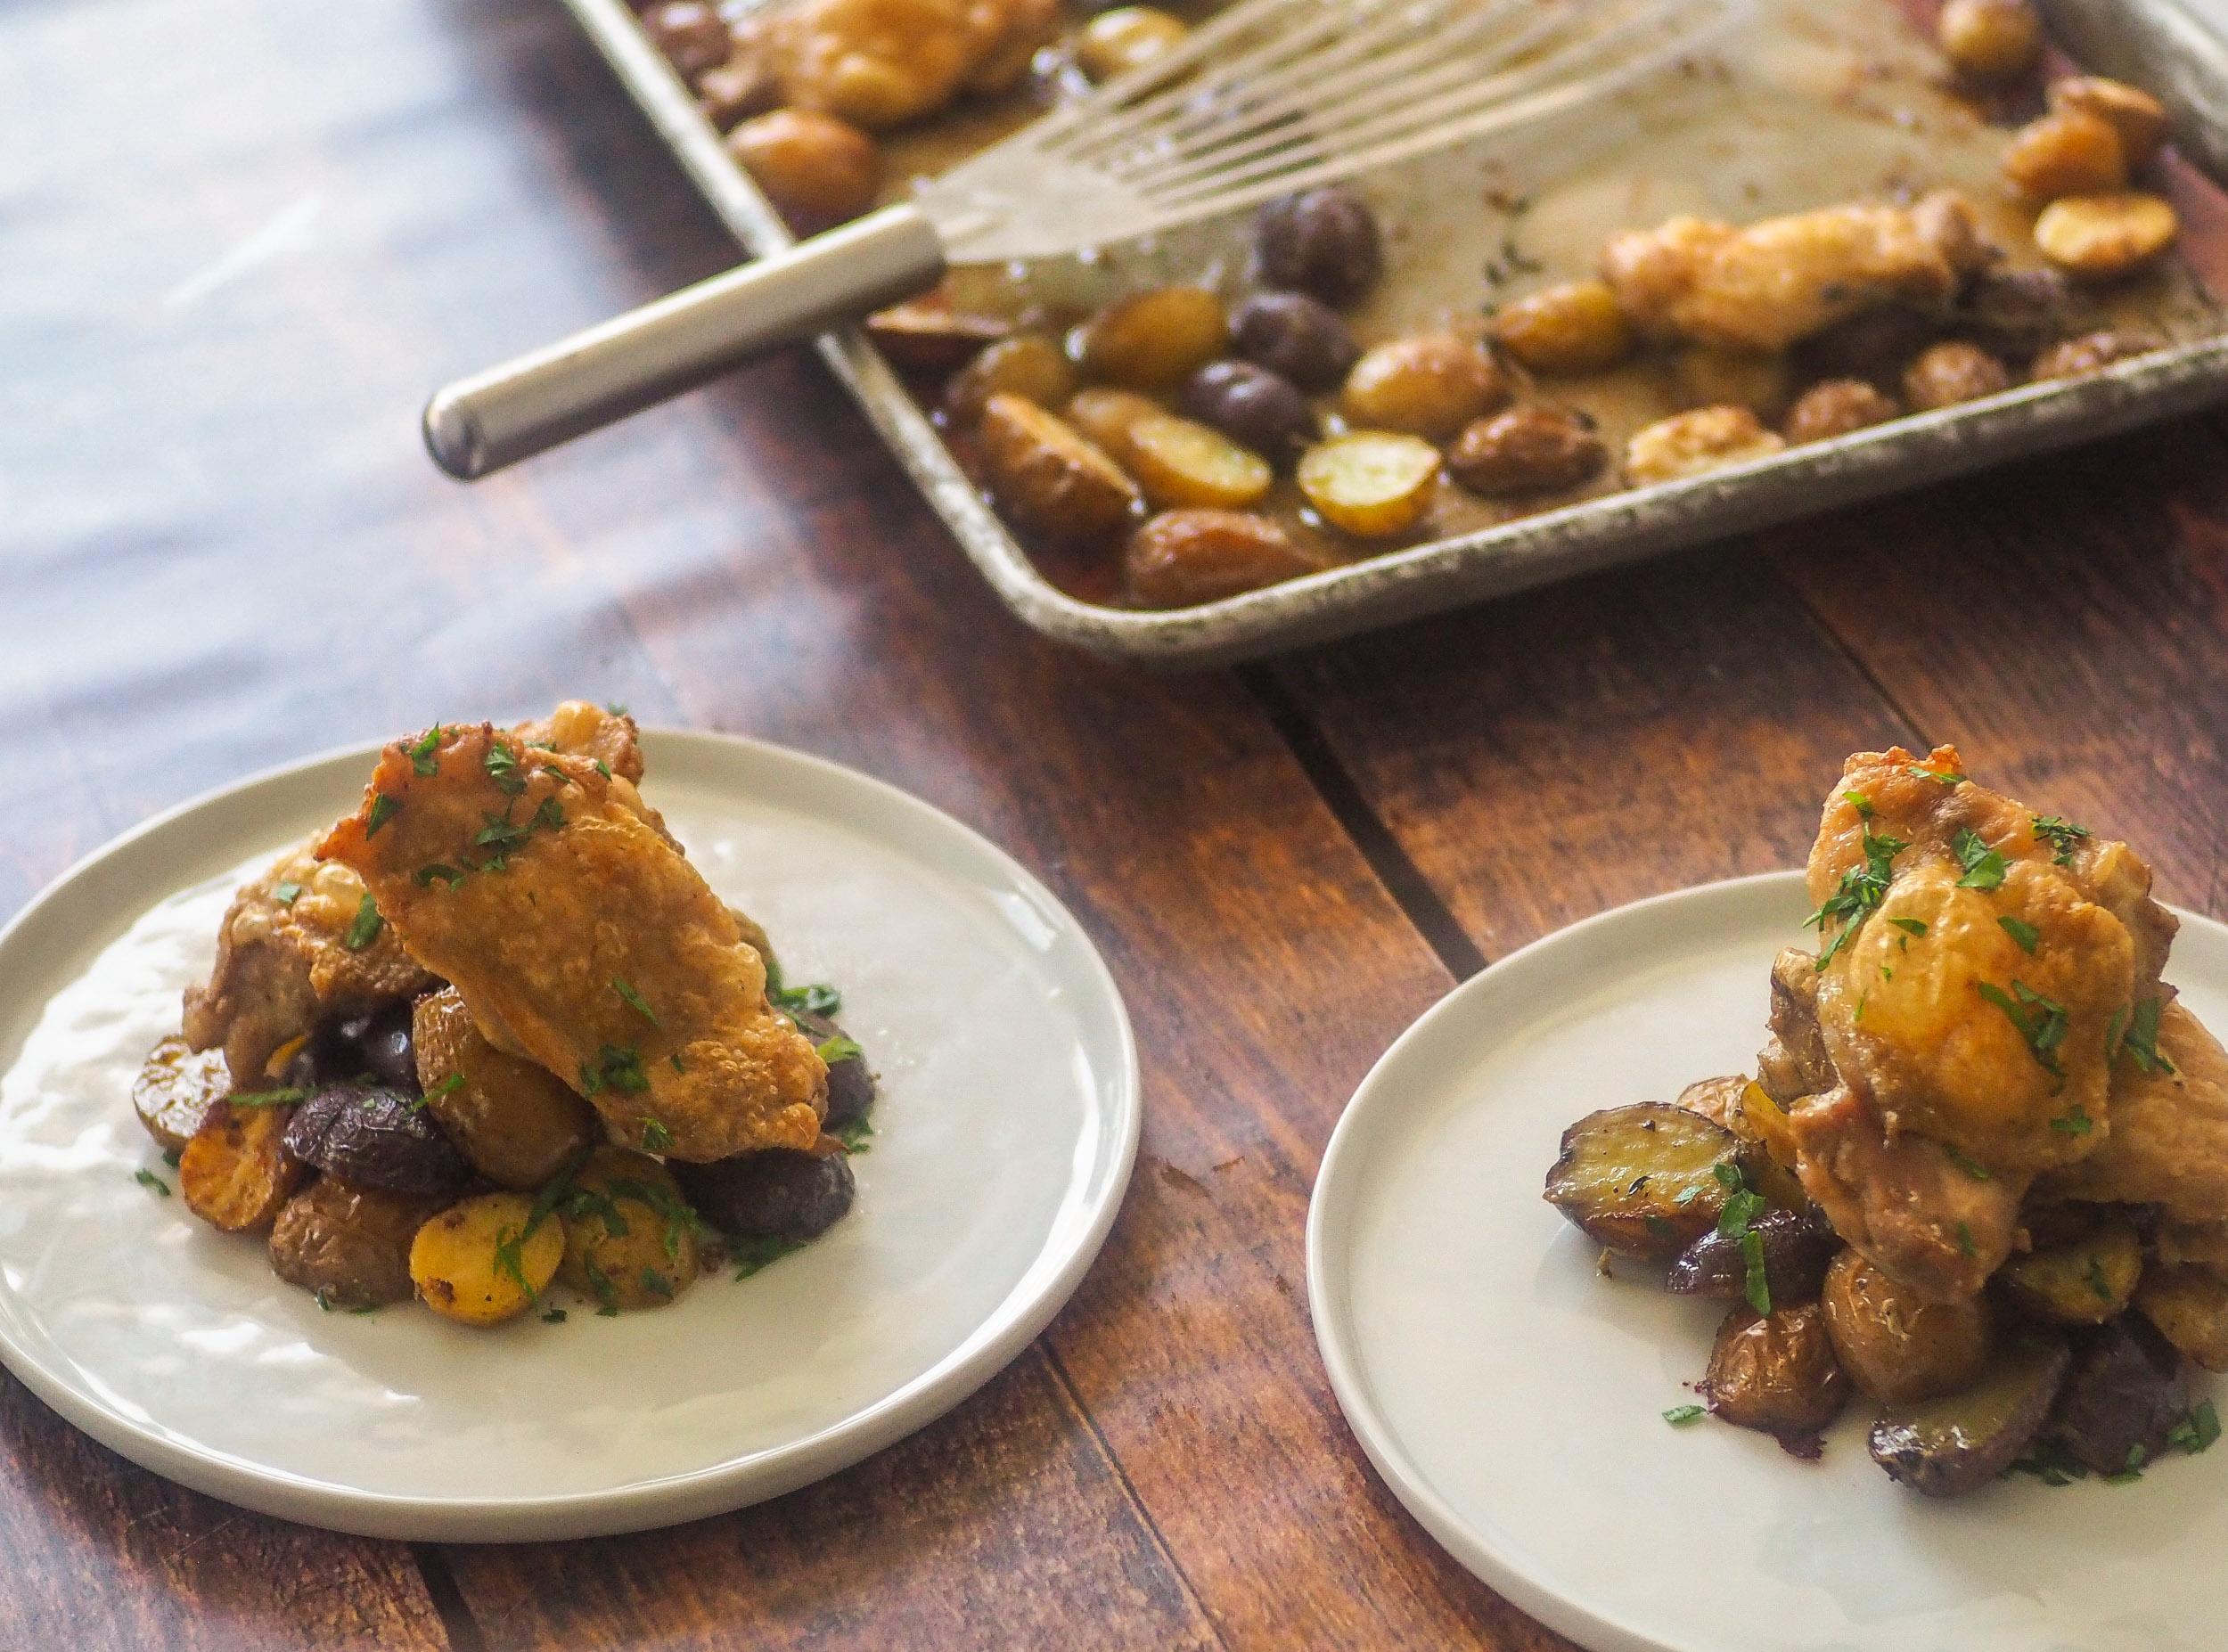 Sheet-Pan Unfried Chicken